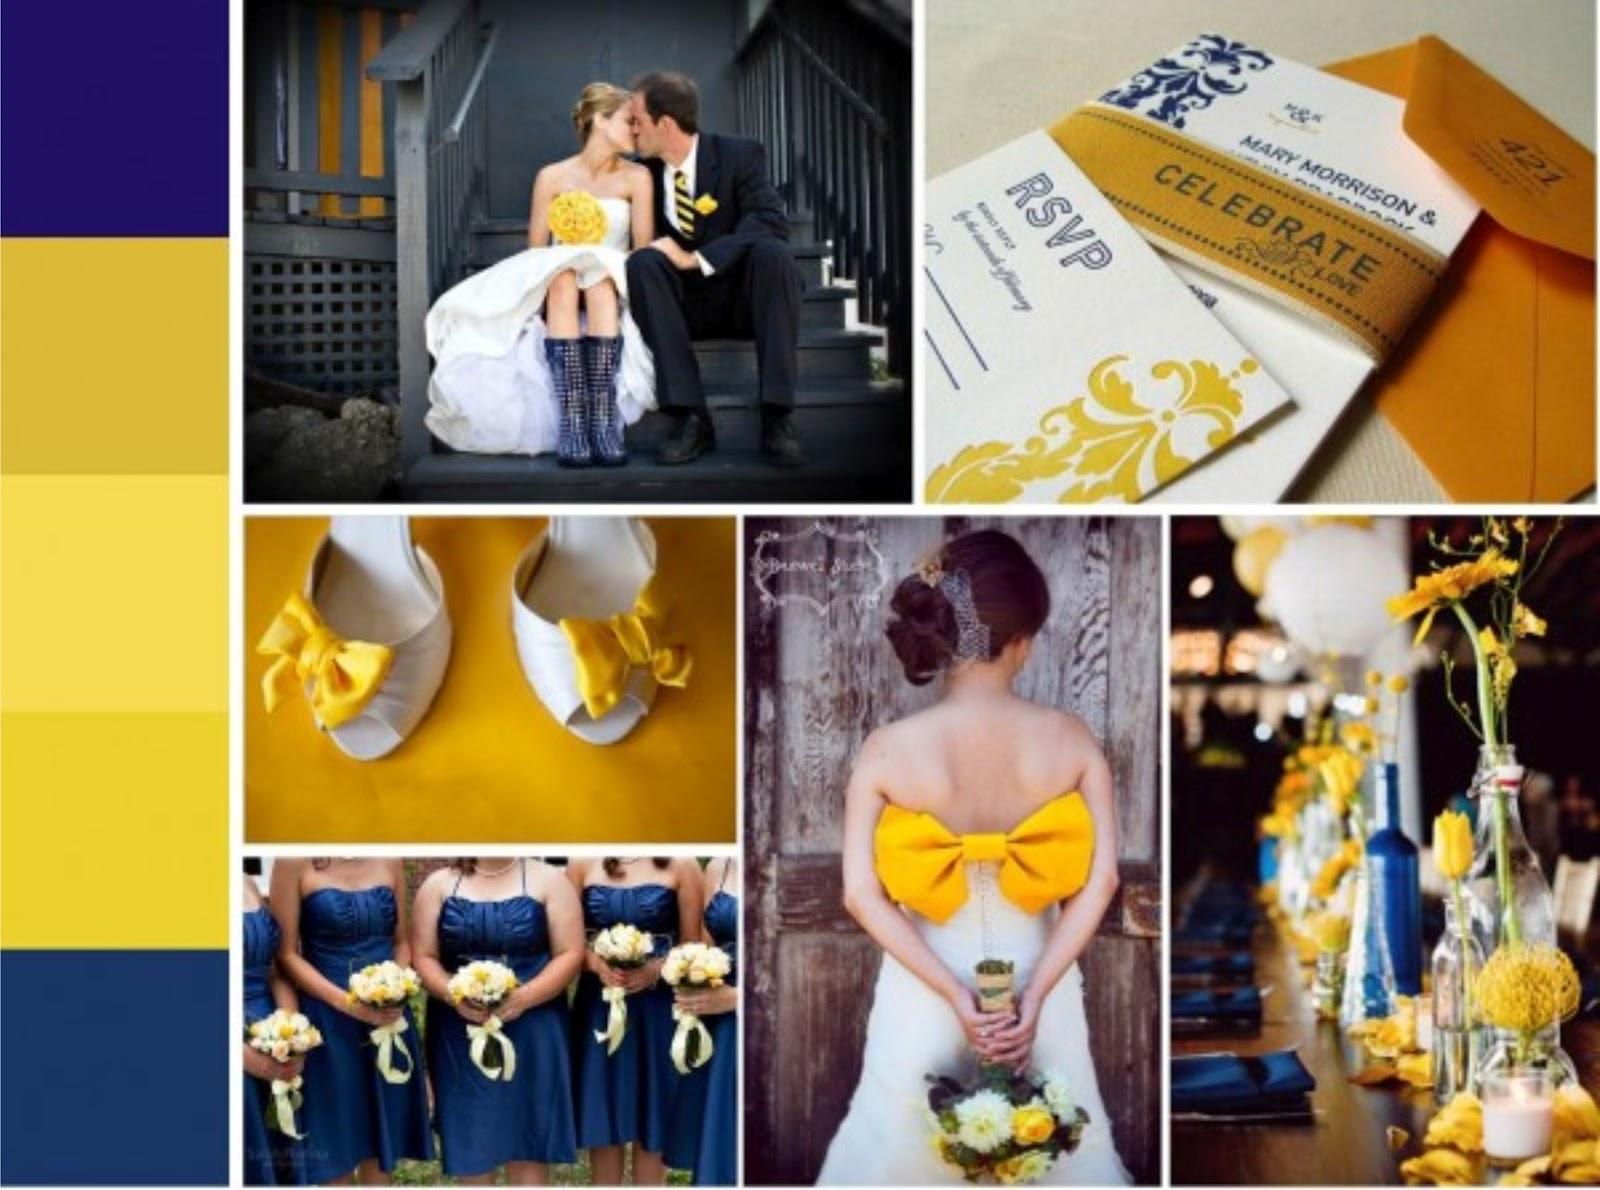 decoracao de casamento azul e amarelo simples : decoracao de casamento azul e amarelo simples:deCORação casamento – amarelo e combinações